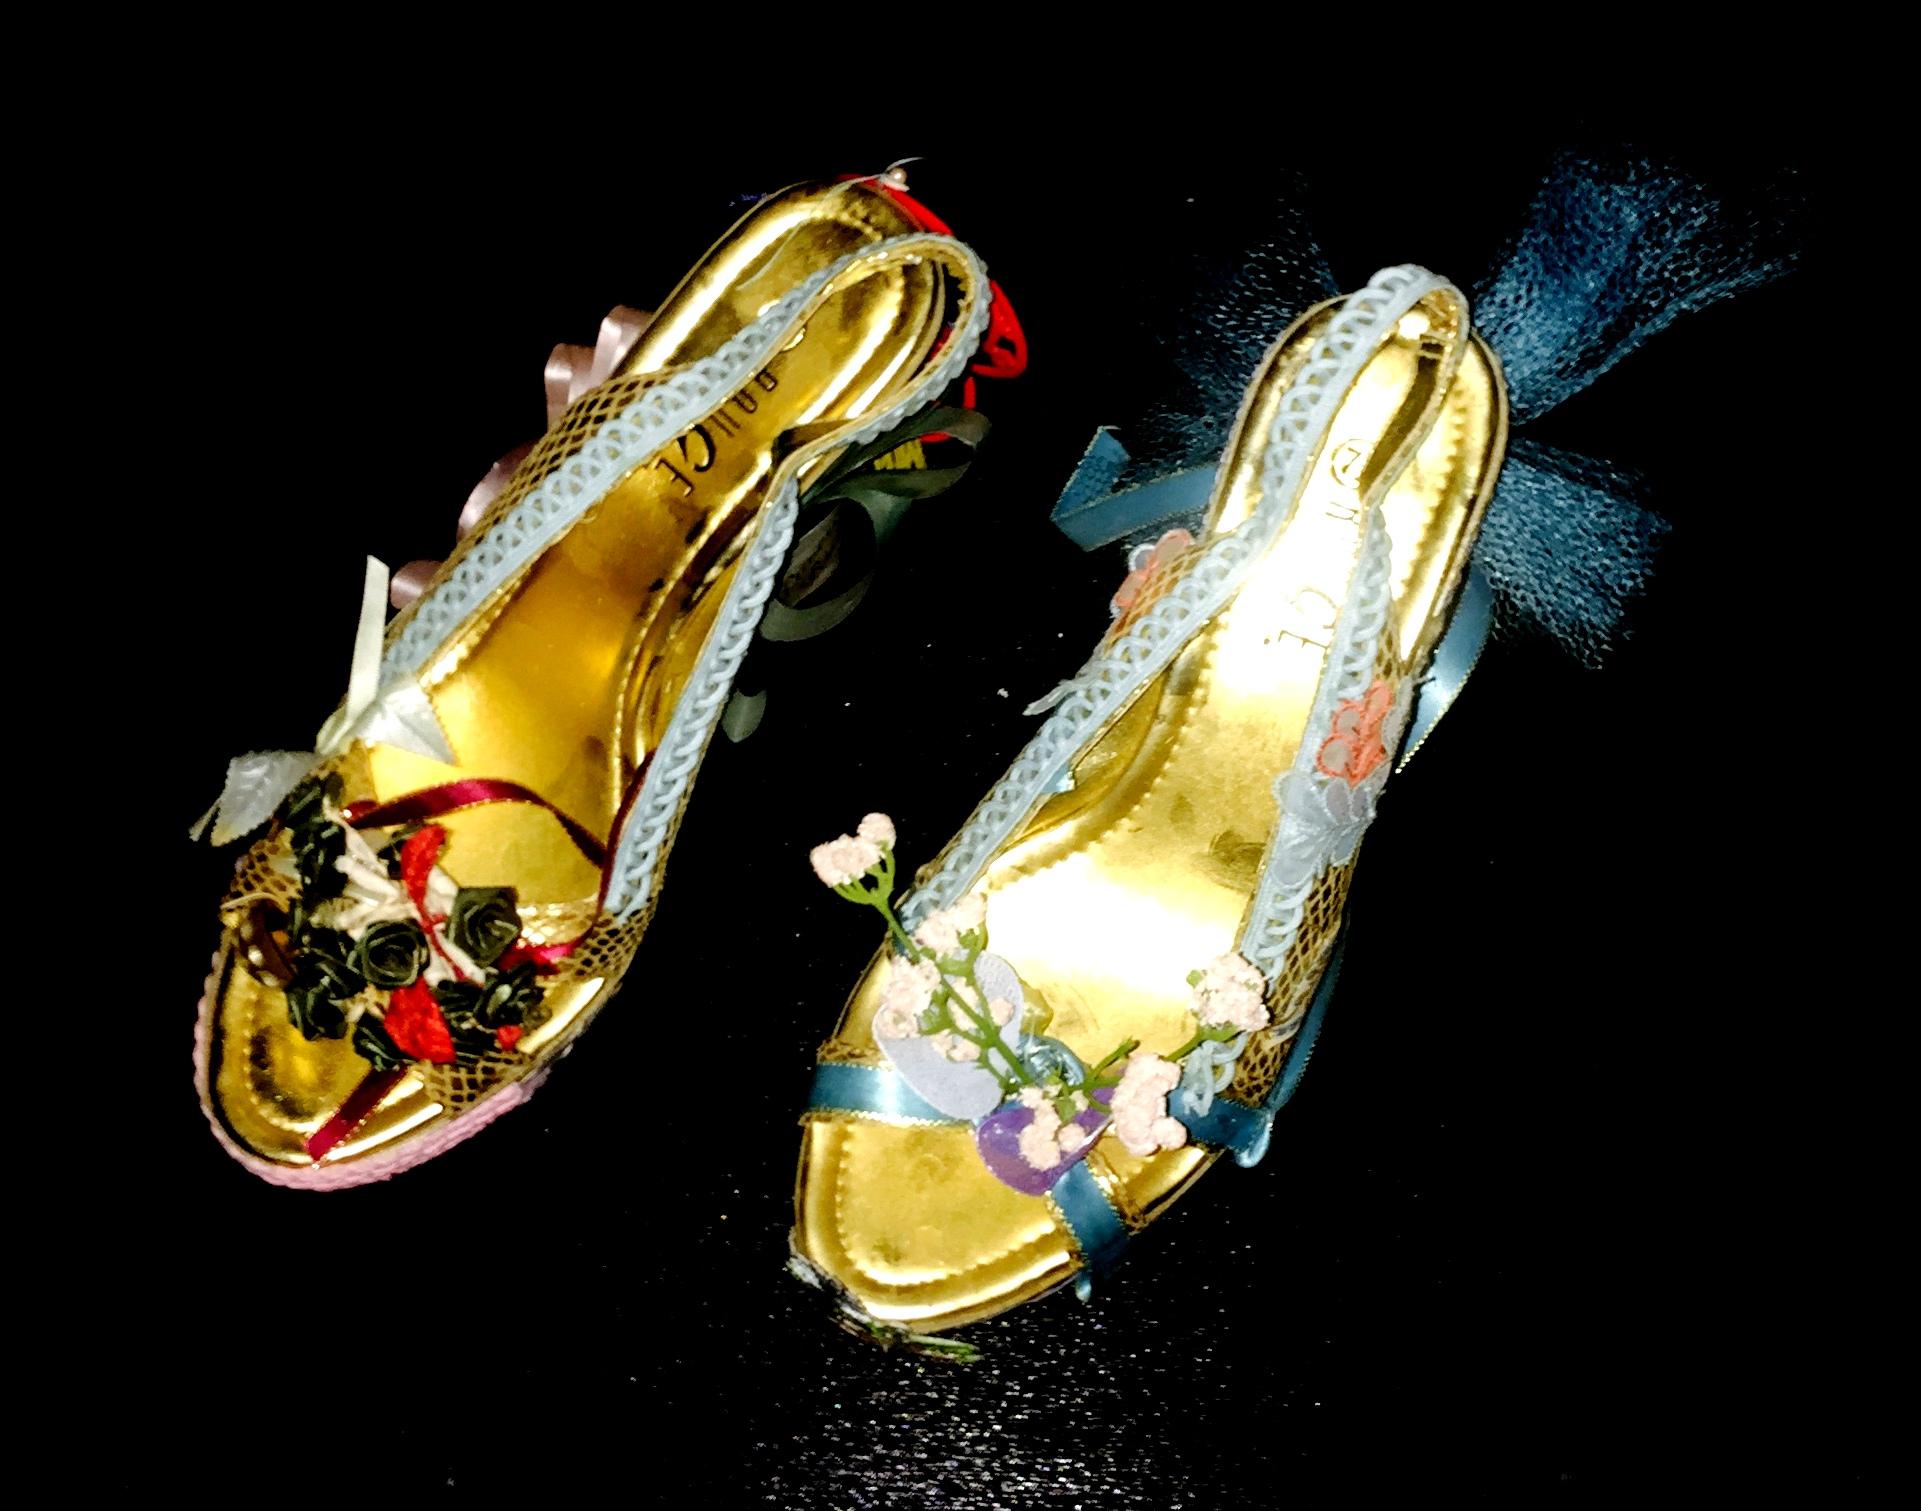 Las emblemáticas zapatillas de baile fueron uno de los elmentos que se exhibieron en el vestibulo del Teatro. (Foto Alina Marrero para Fundación Nacional para la Cultura Popular)